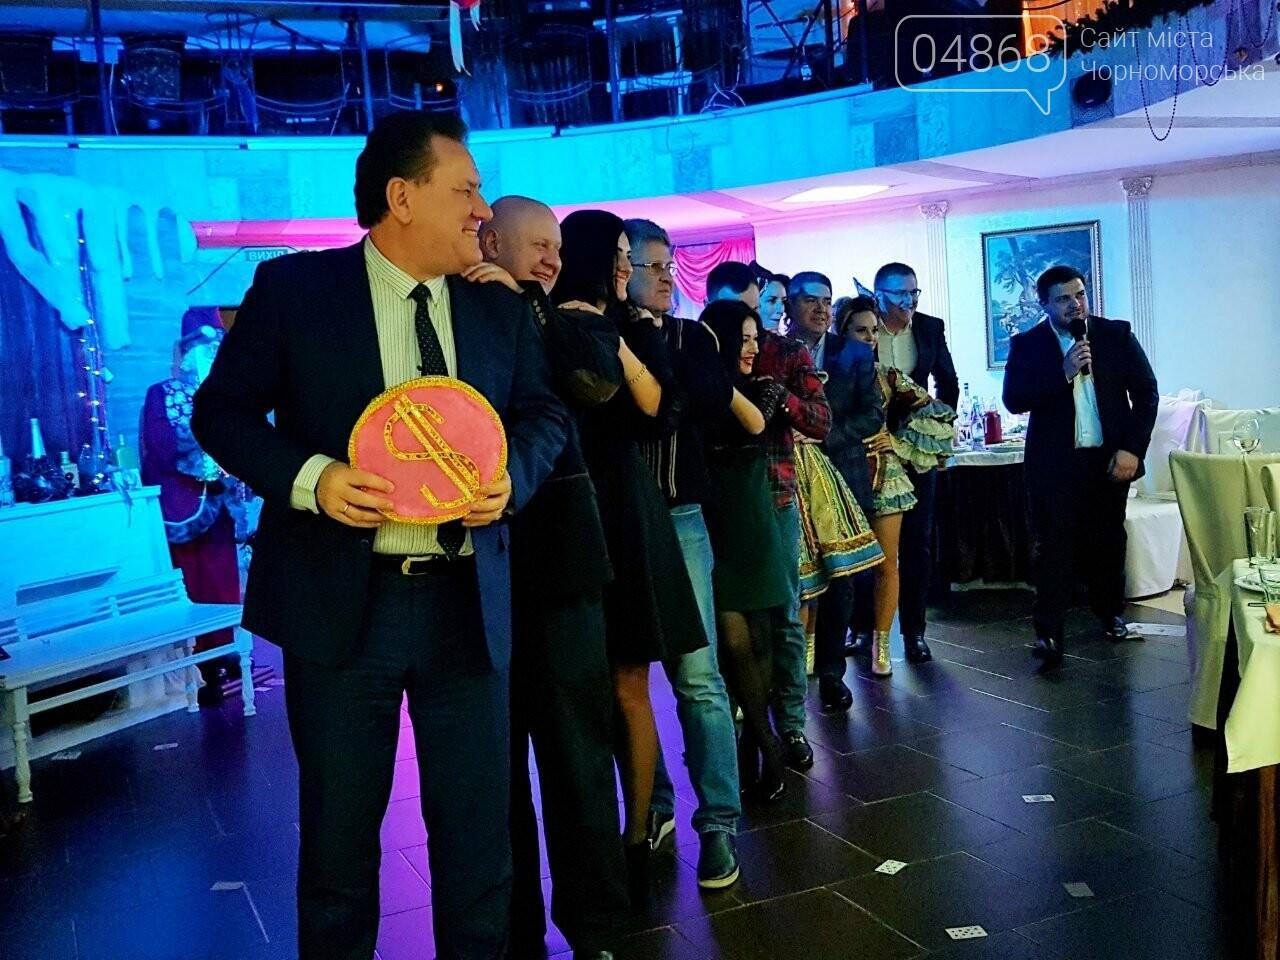 Руководство Ильичевского судоремонтного завода поздравляет с наступающими праздниками, фото-13